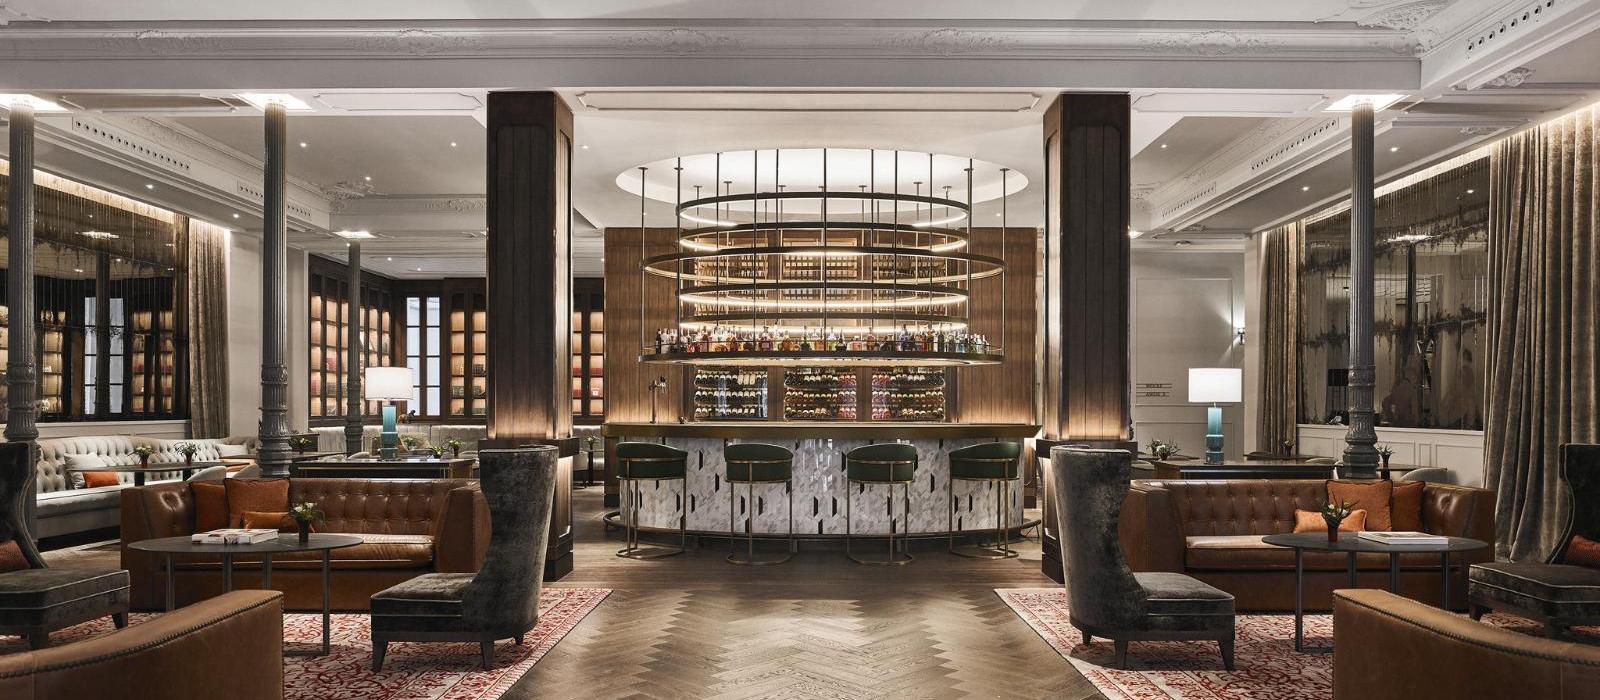 英格利大酒店(Gran Hotel Ingles) 图片  www.lhw.cn